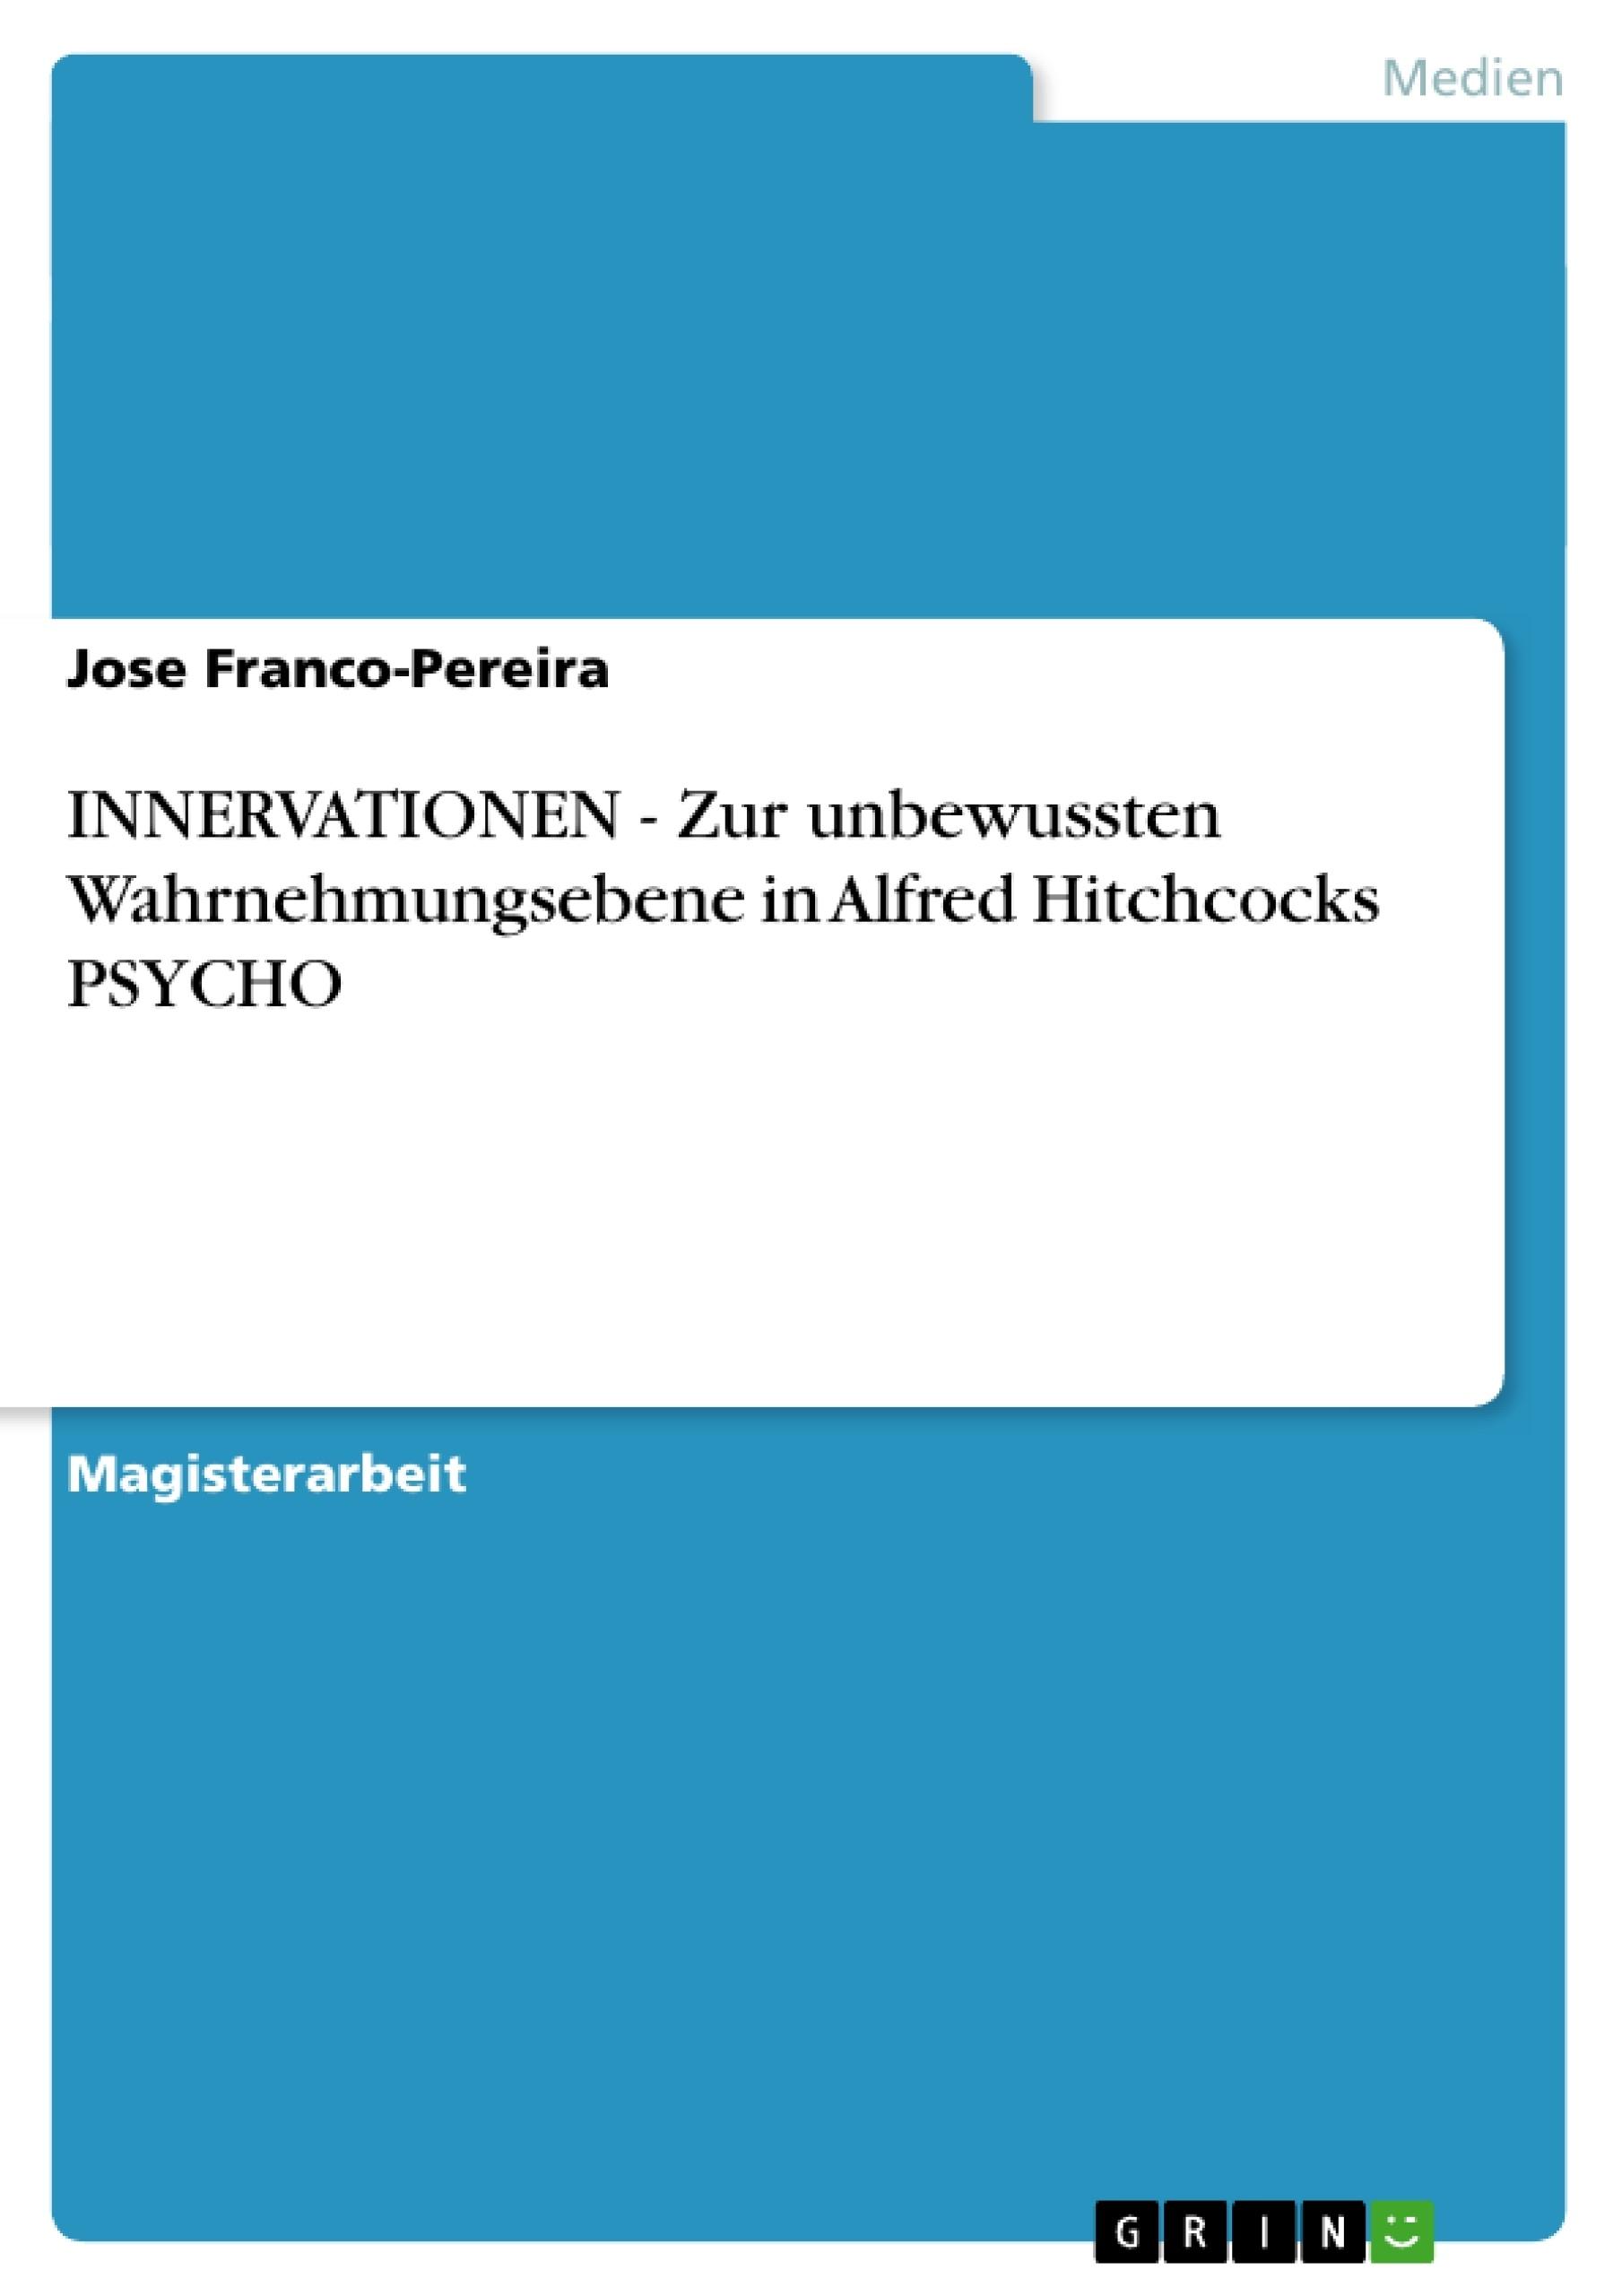 Titel: INNERVATIONEN - Zur unbewussten Wahrnehmungsebene in Alfred Hitchcocks PSYCHO